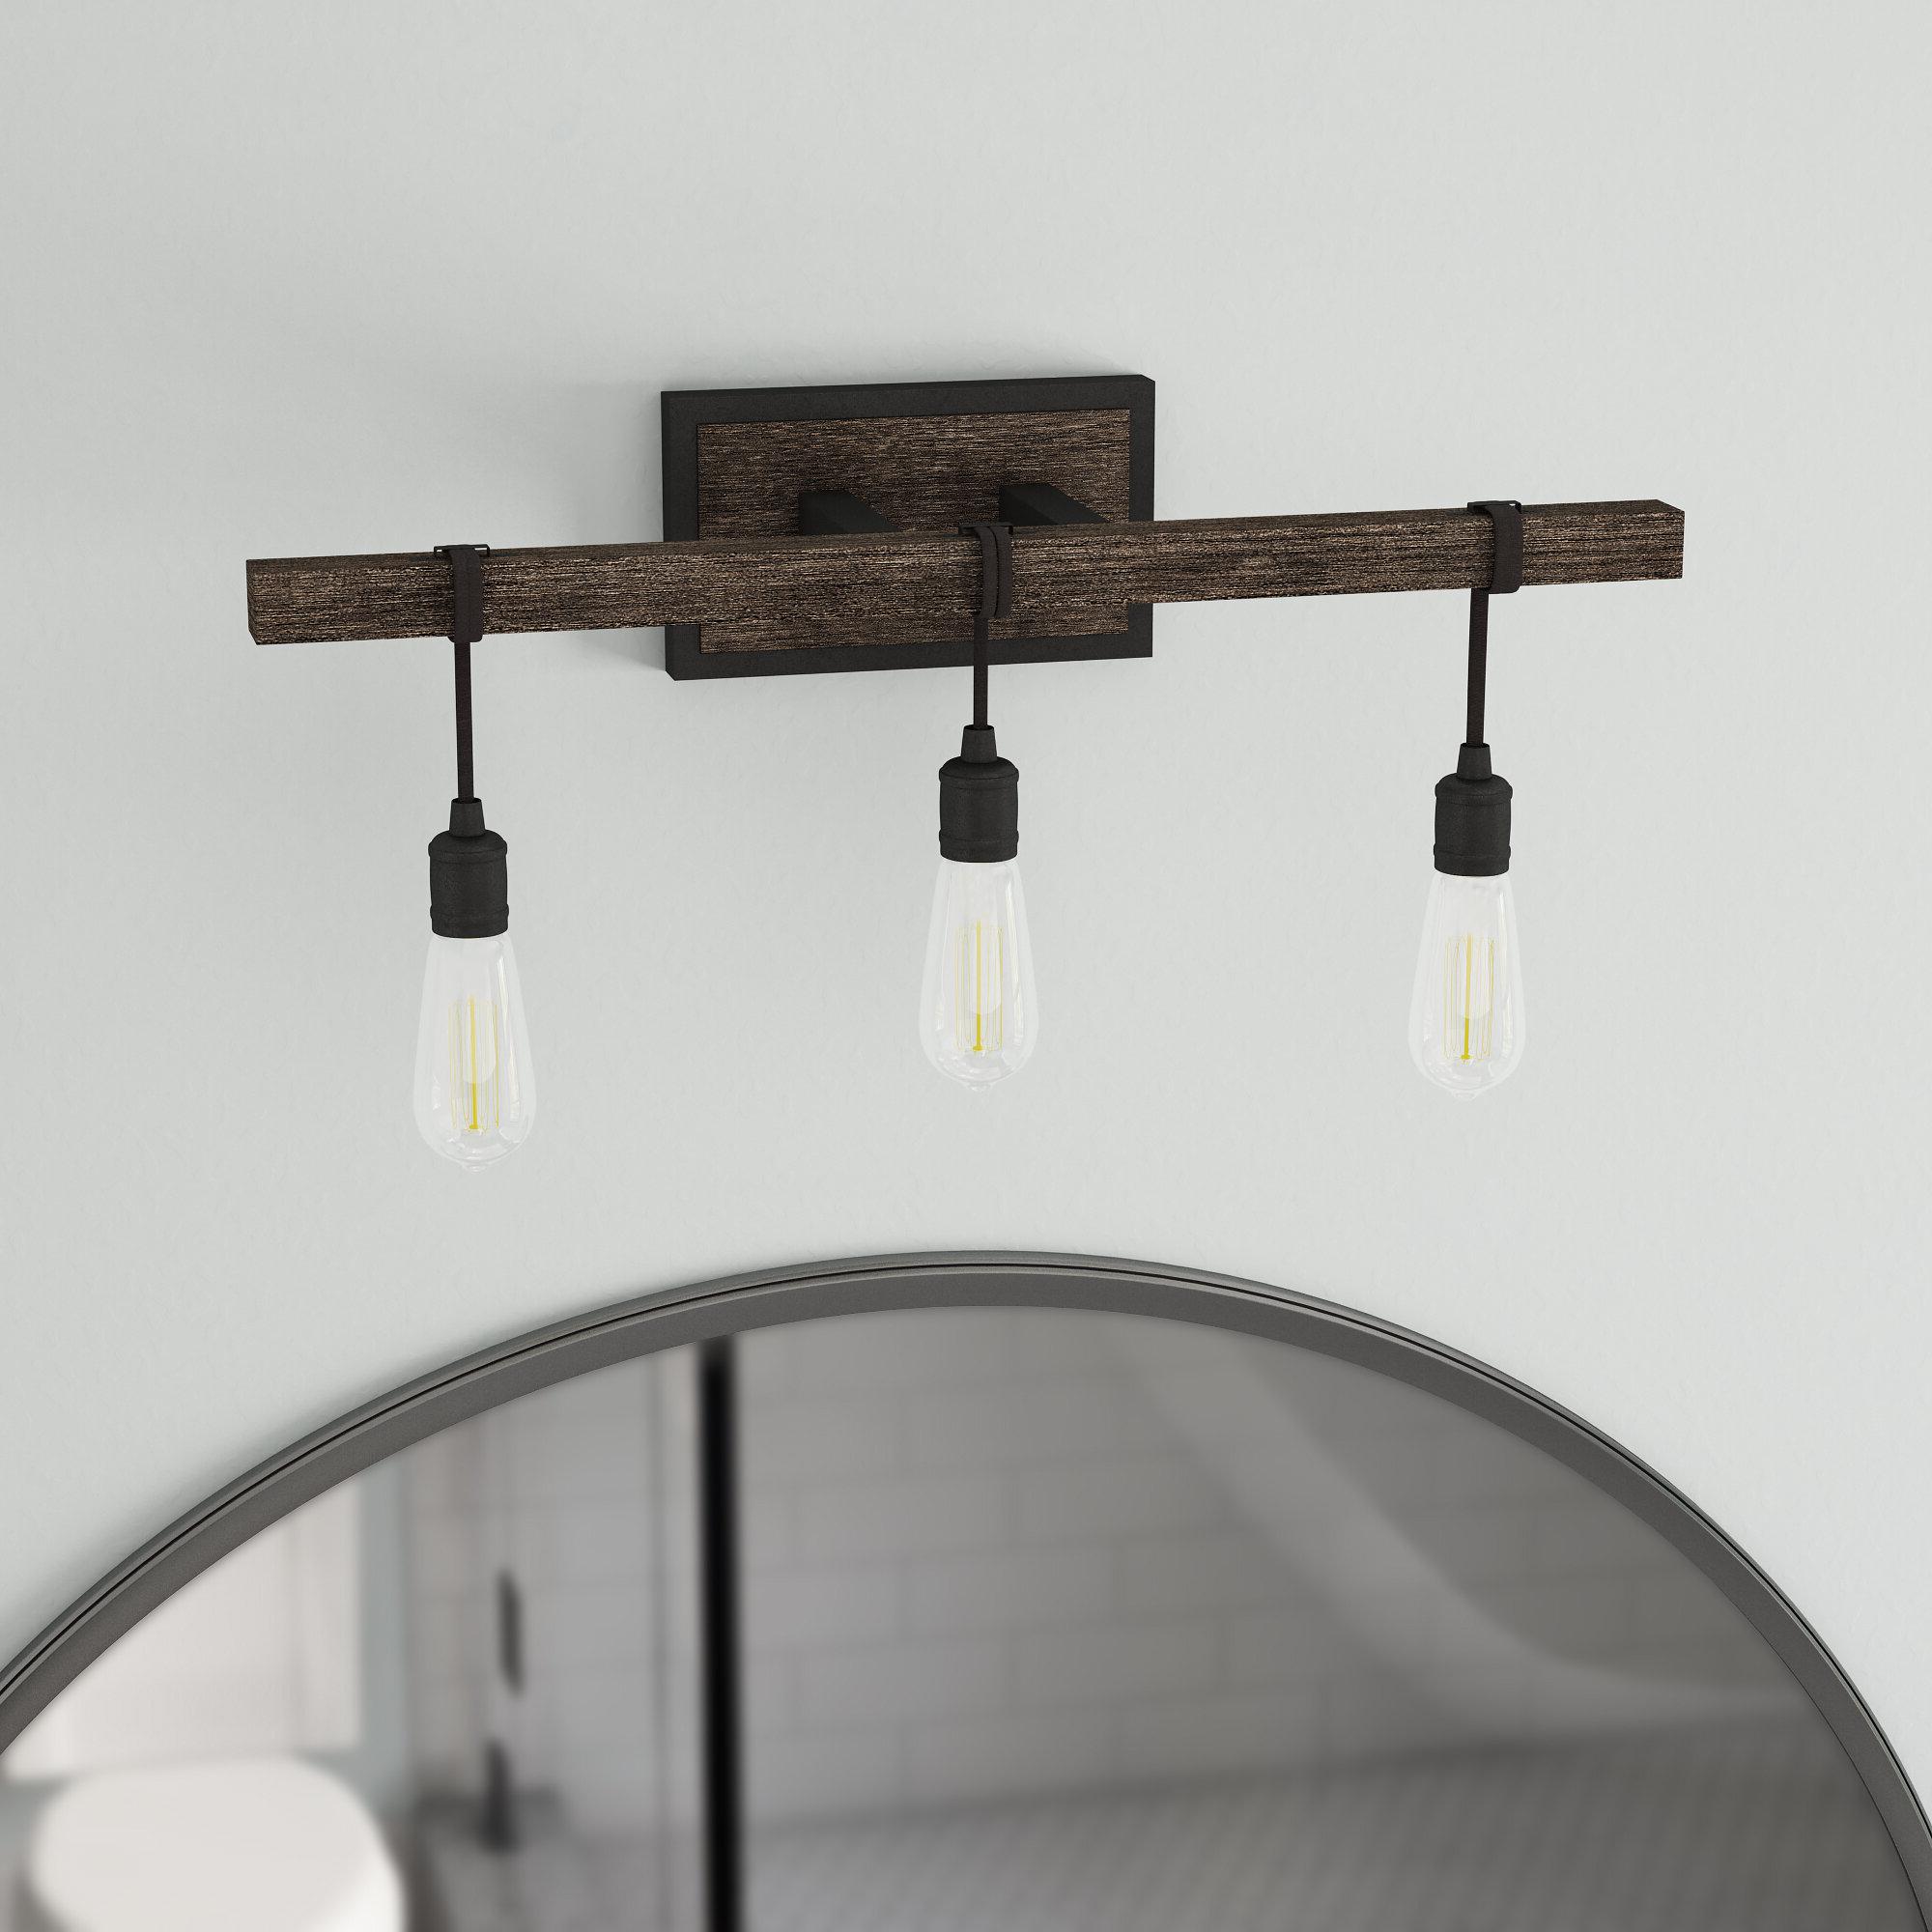 Well Liked Novogratz Vintage 5 Light Kitchen Island Bulb Pendant Intended For Novogratz Vintage 5 Light Kitchen Island Bulb Pendants (Gallery 2 of 20)